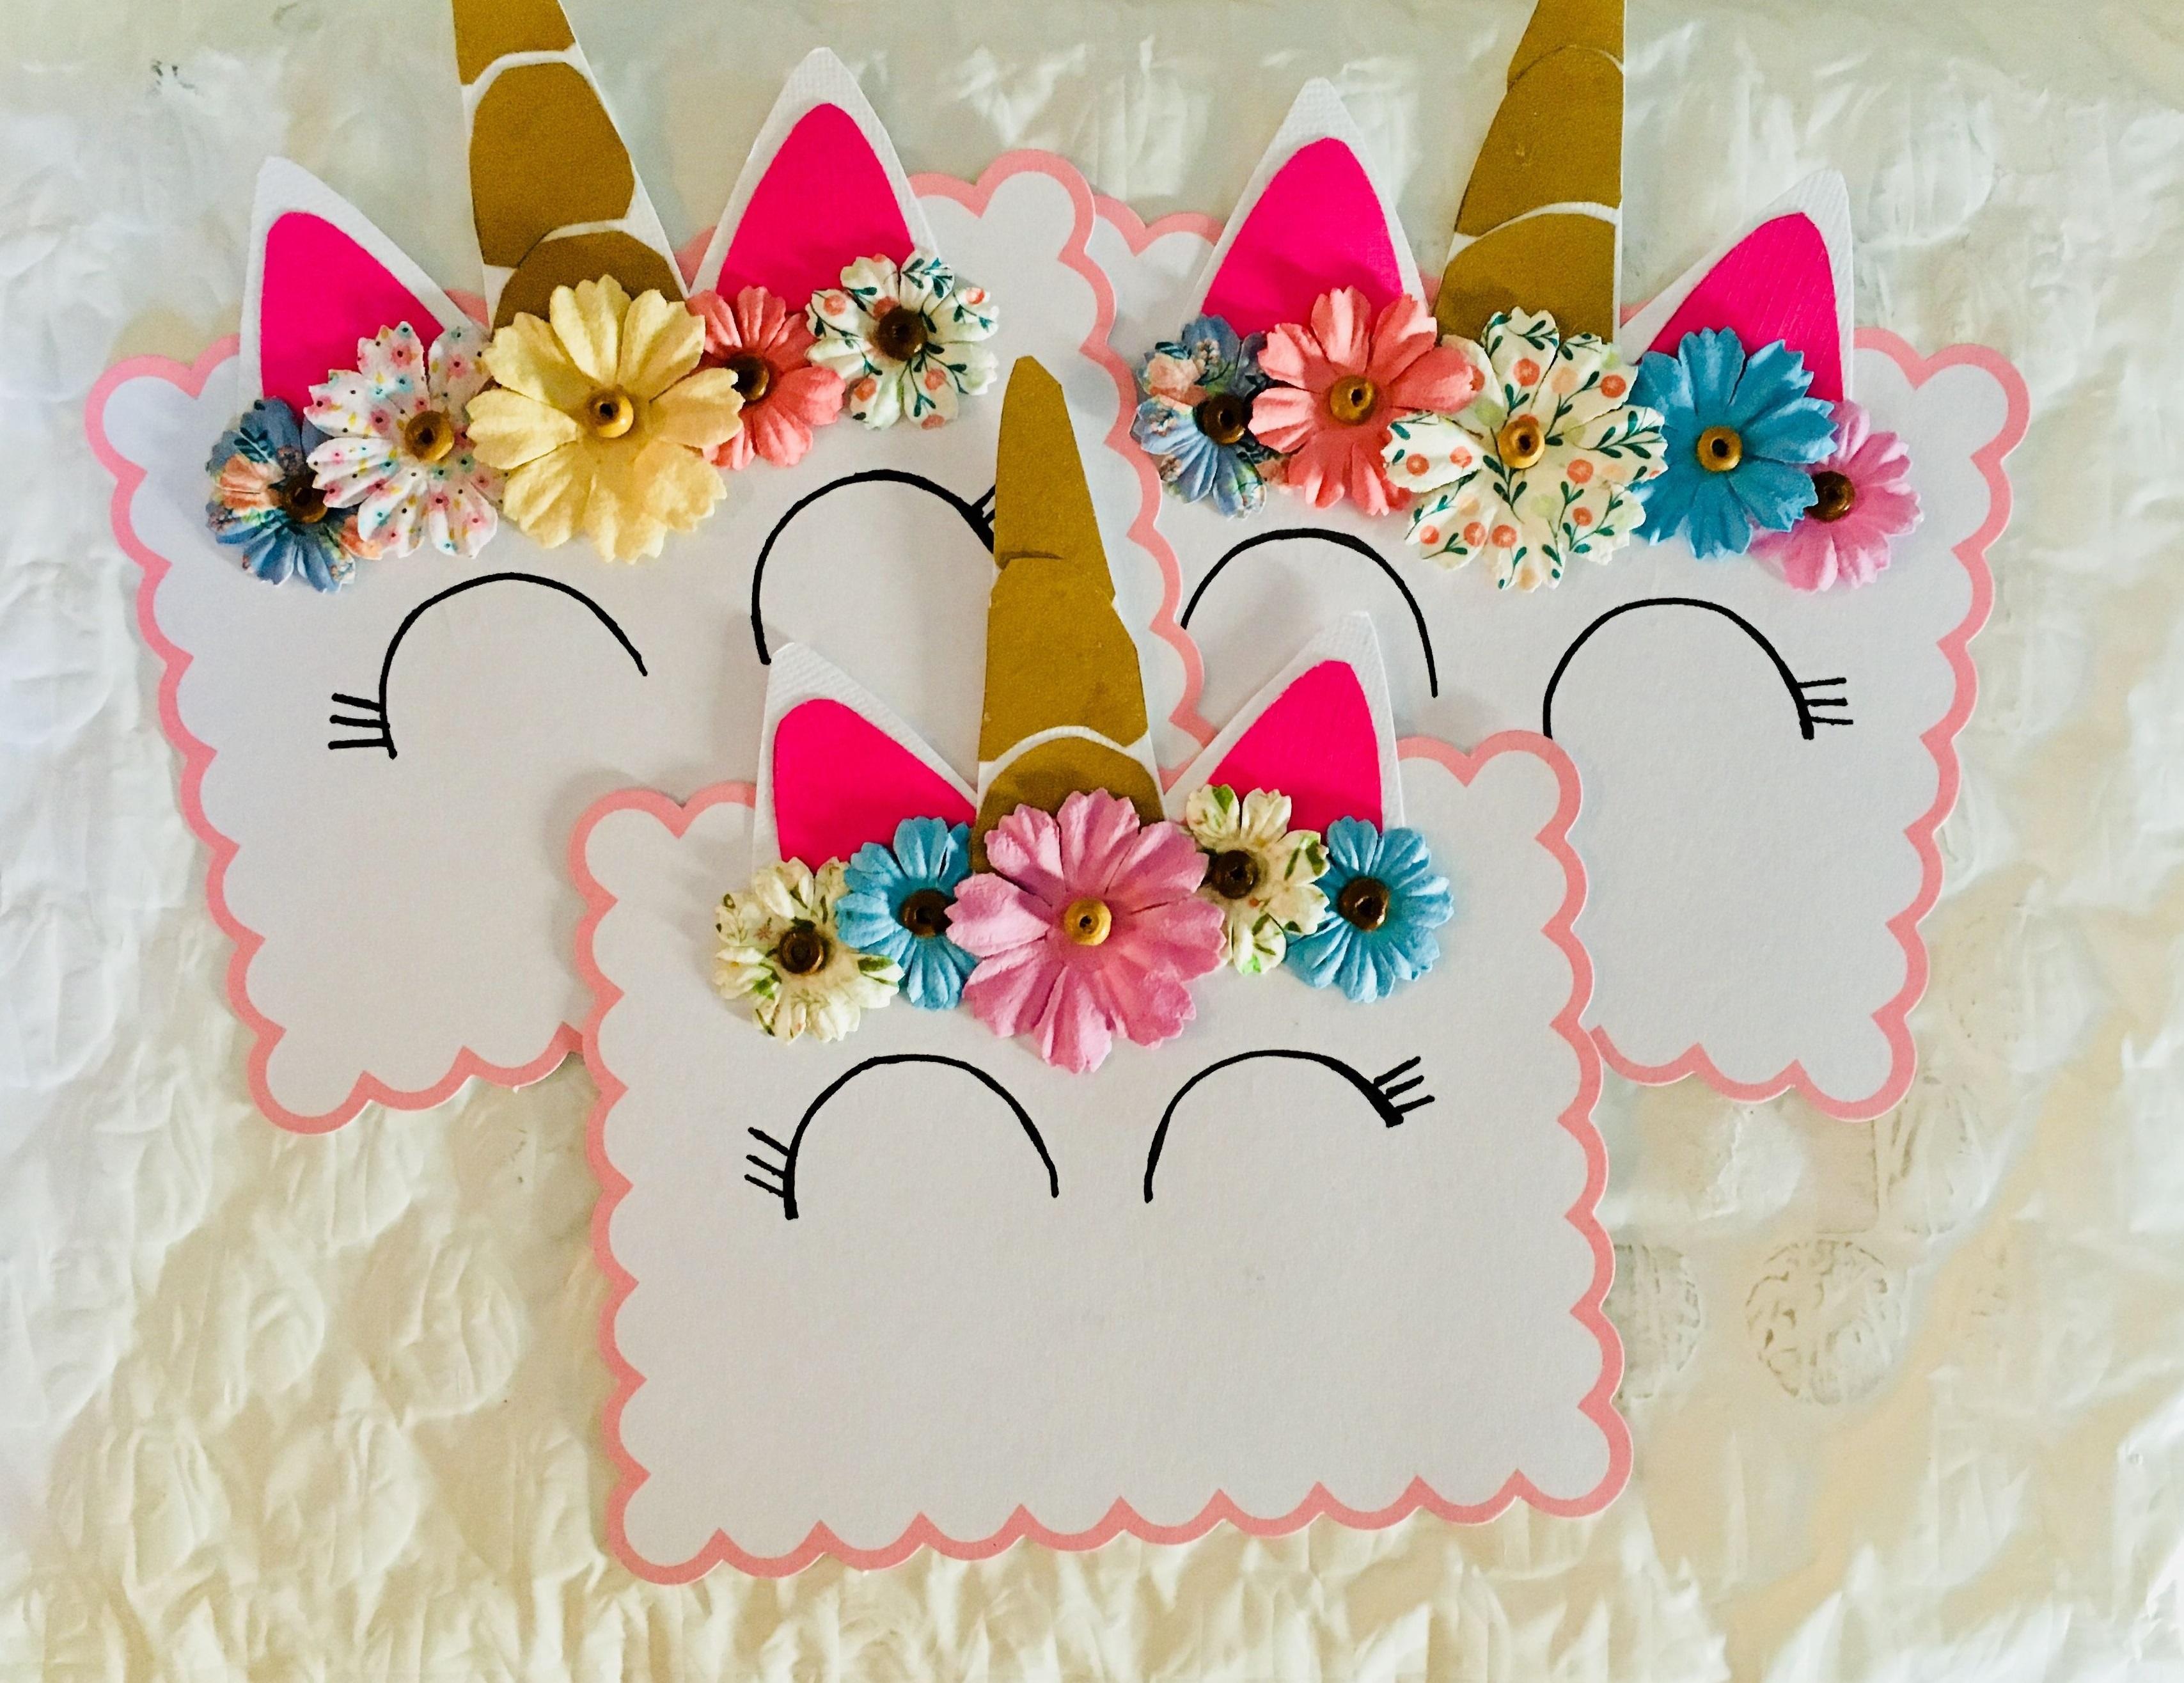 Ajoutez quelques fleurs en papier à l'invitation - cela fera sourire chaque petite fille.